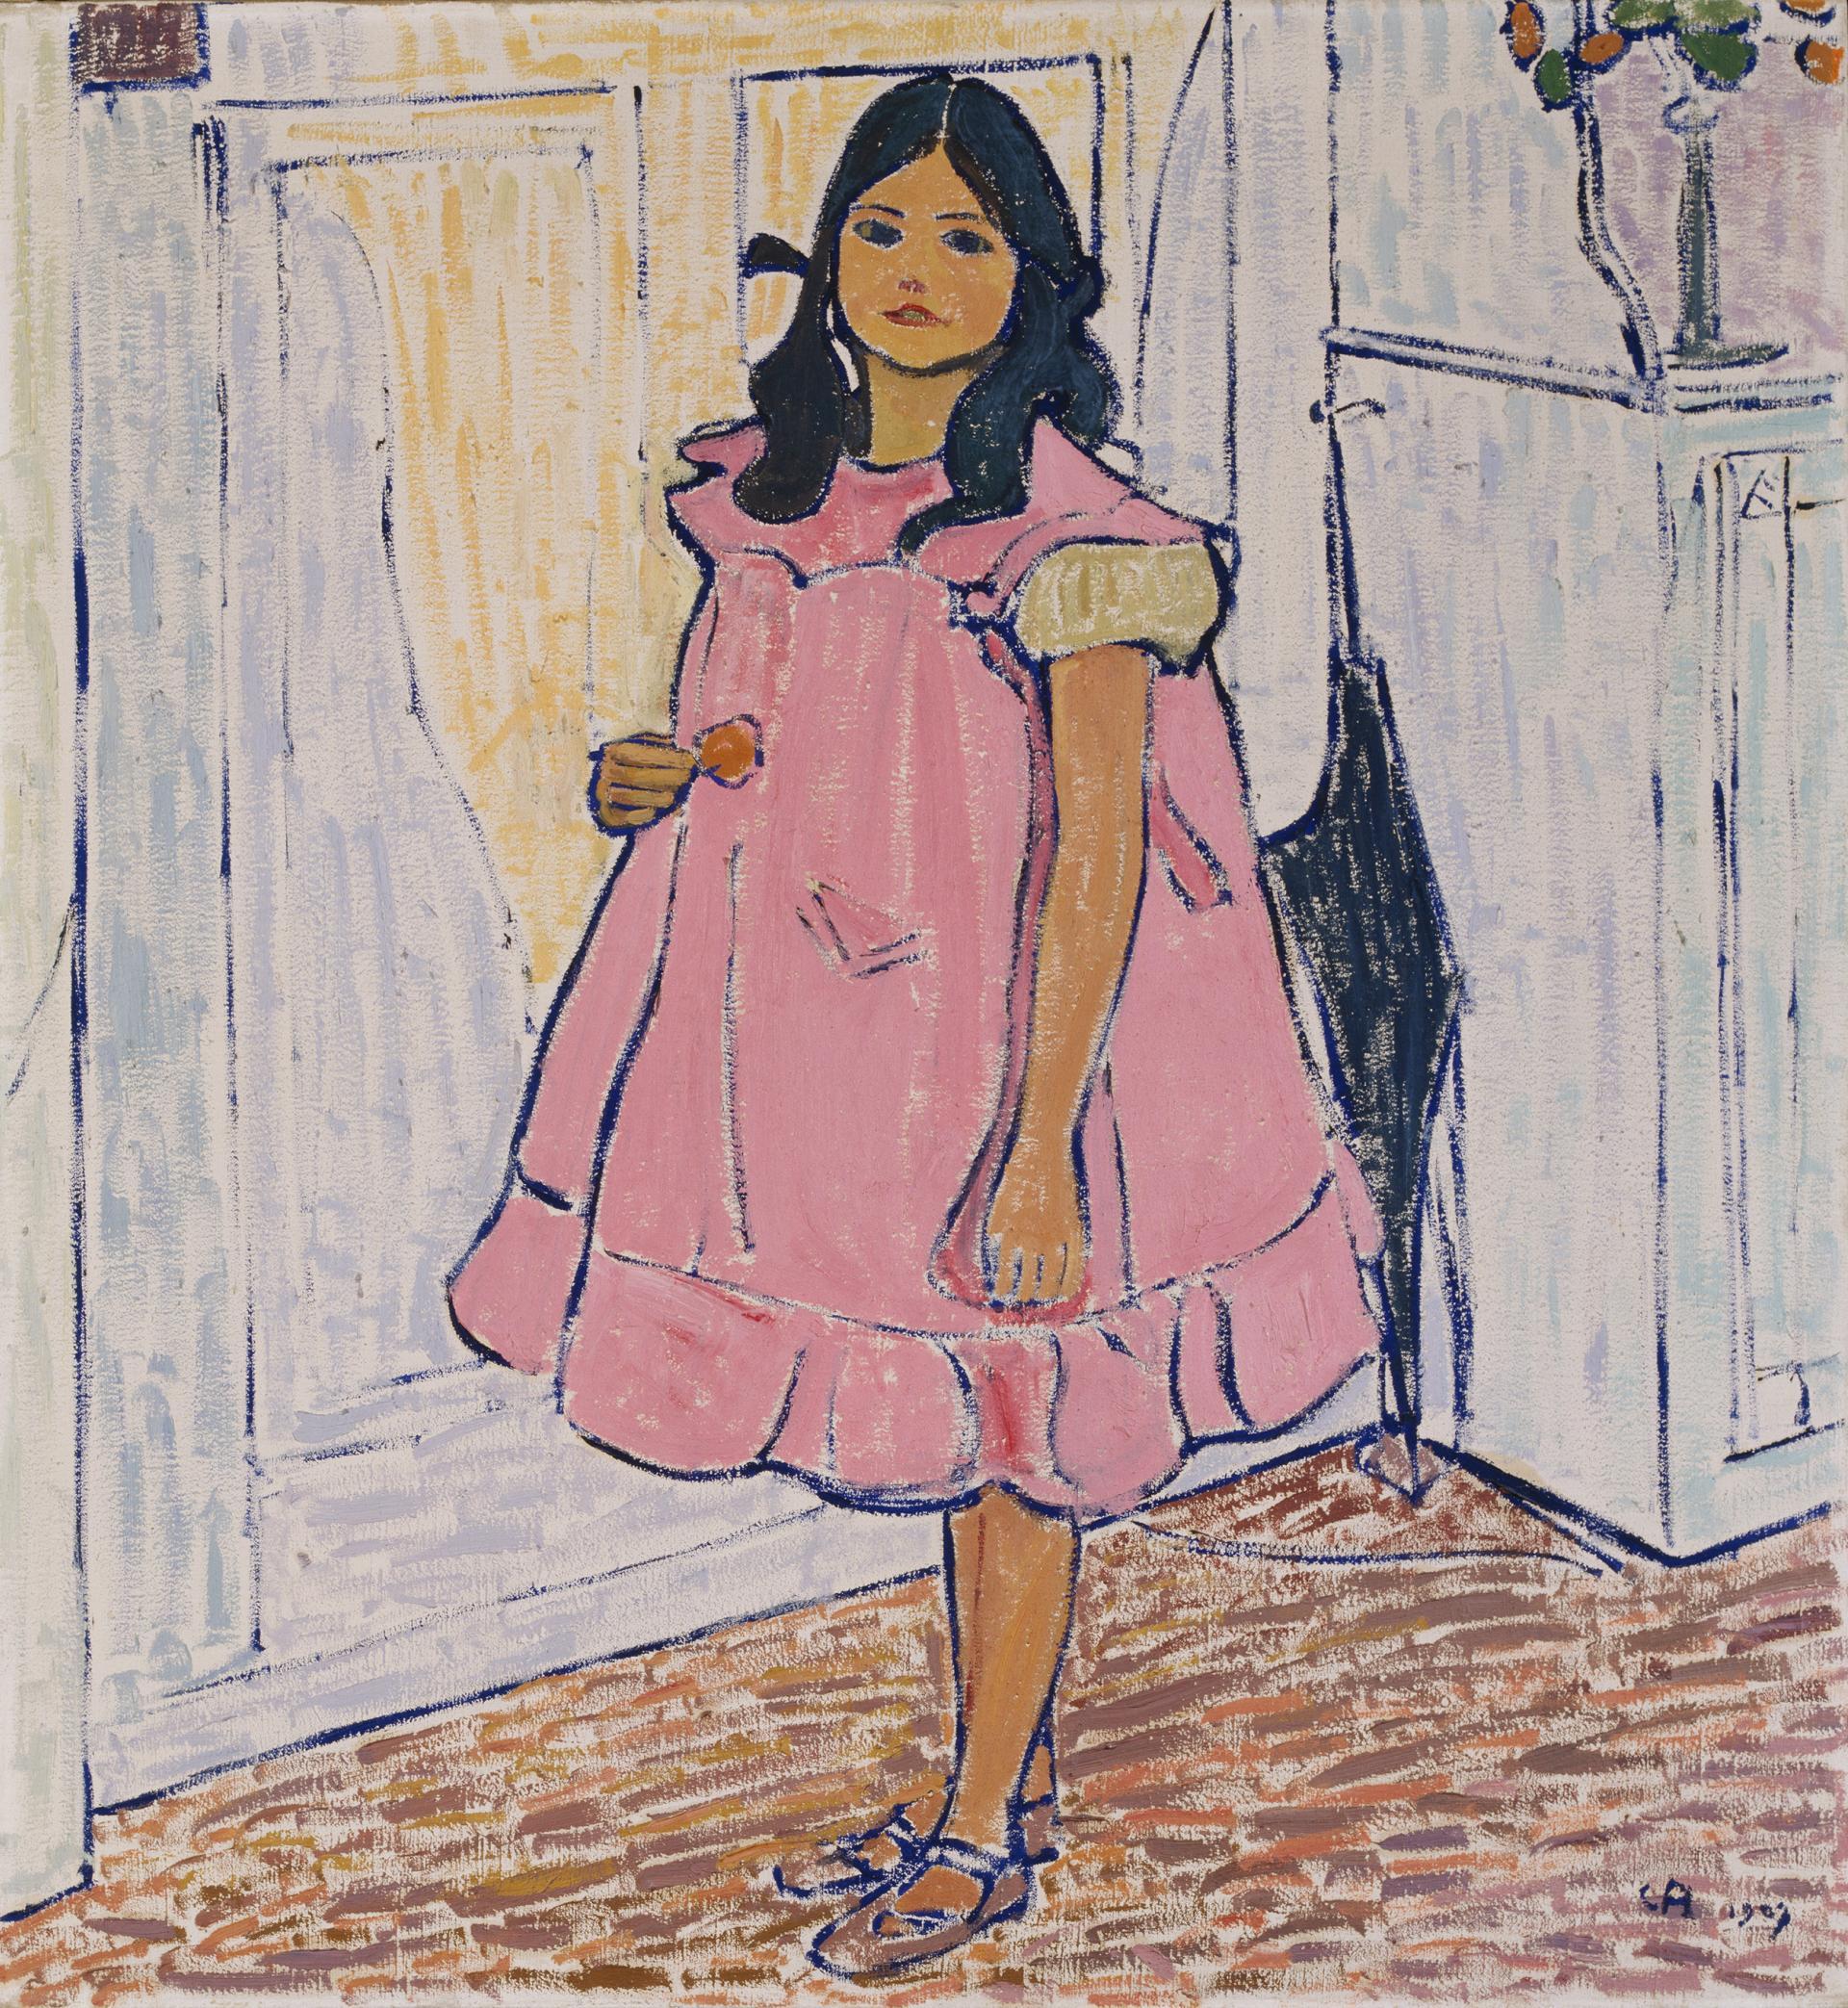 Cuno Amiet, Greti in rotem Kleid, 1907, Öl auf Leinwand, 99x91cm, Kunsthaus Zürich, © D. Thalmann, Aarau, Switzerland